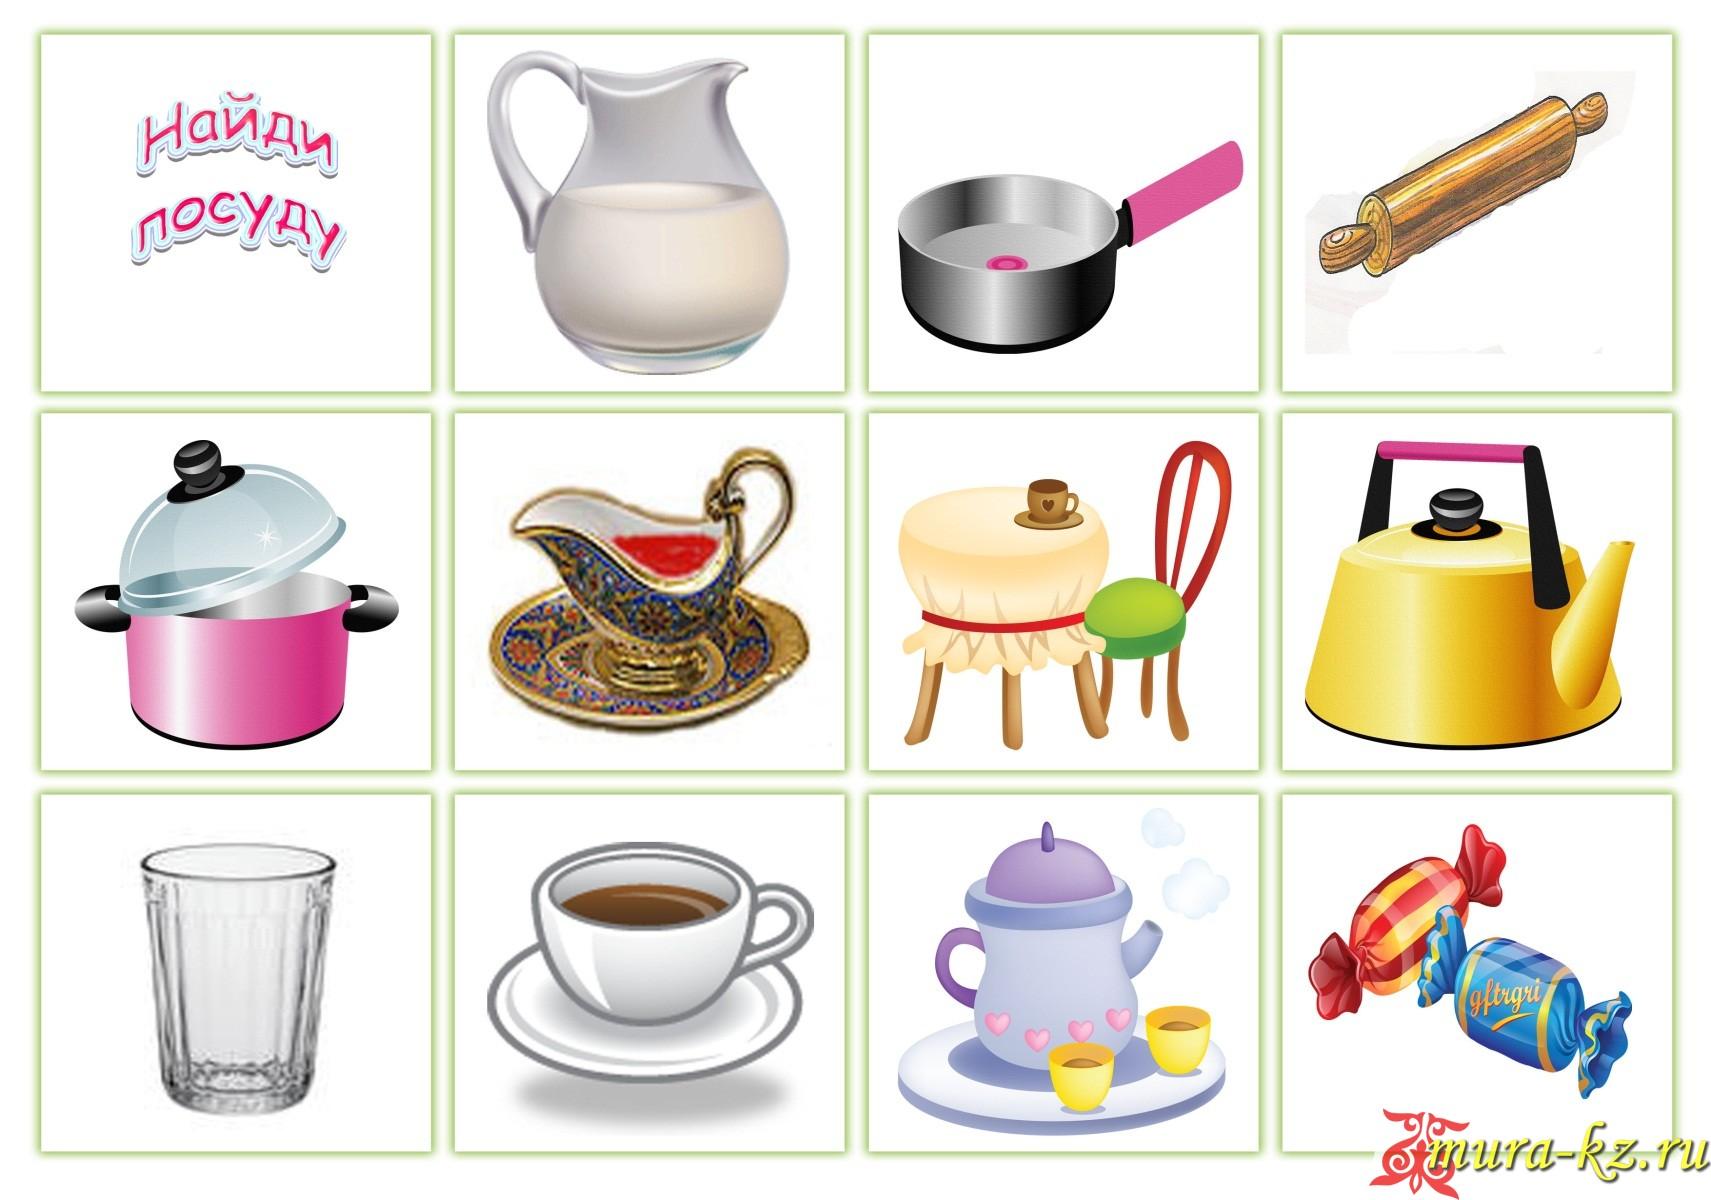 Загадки на казахском языке про посуду